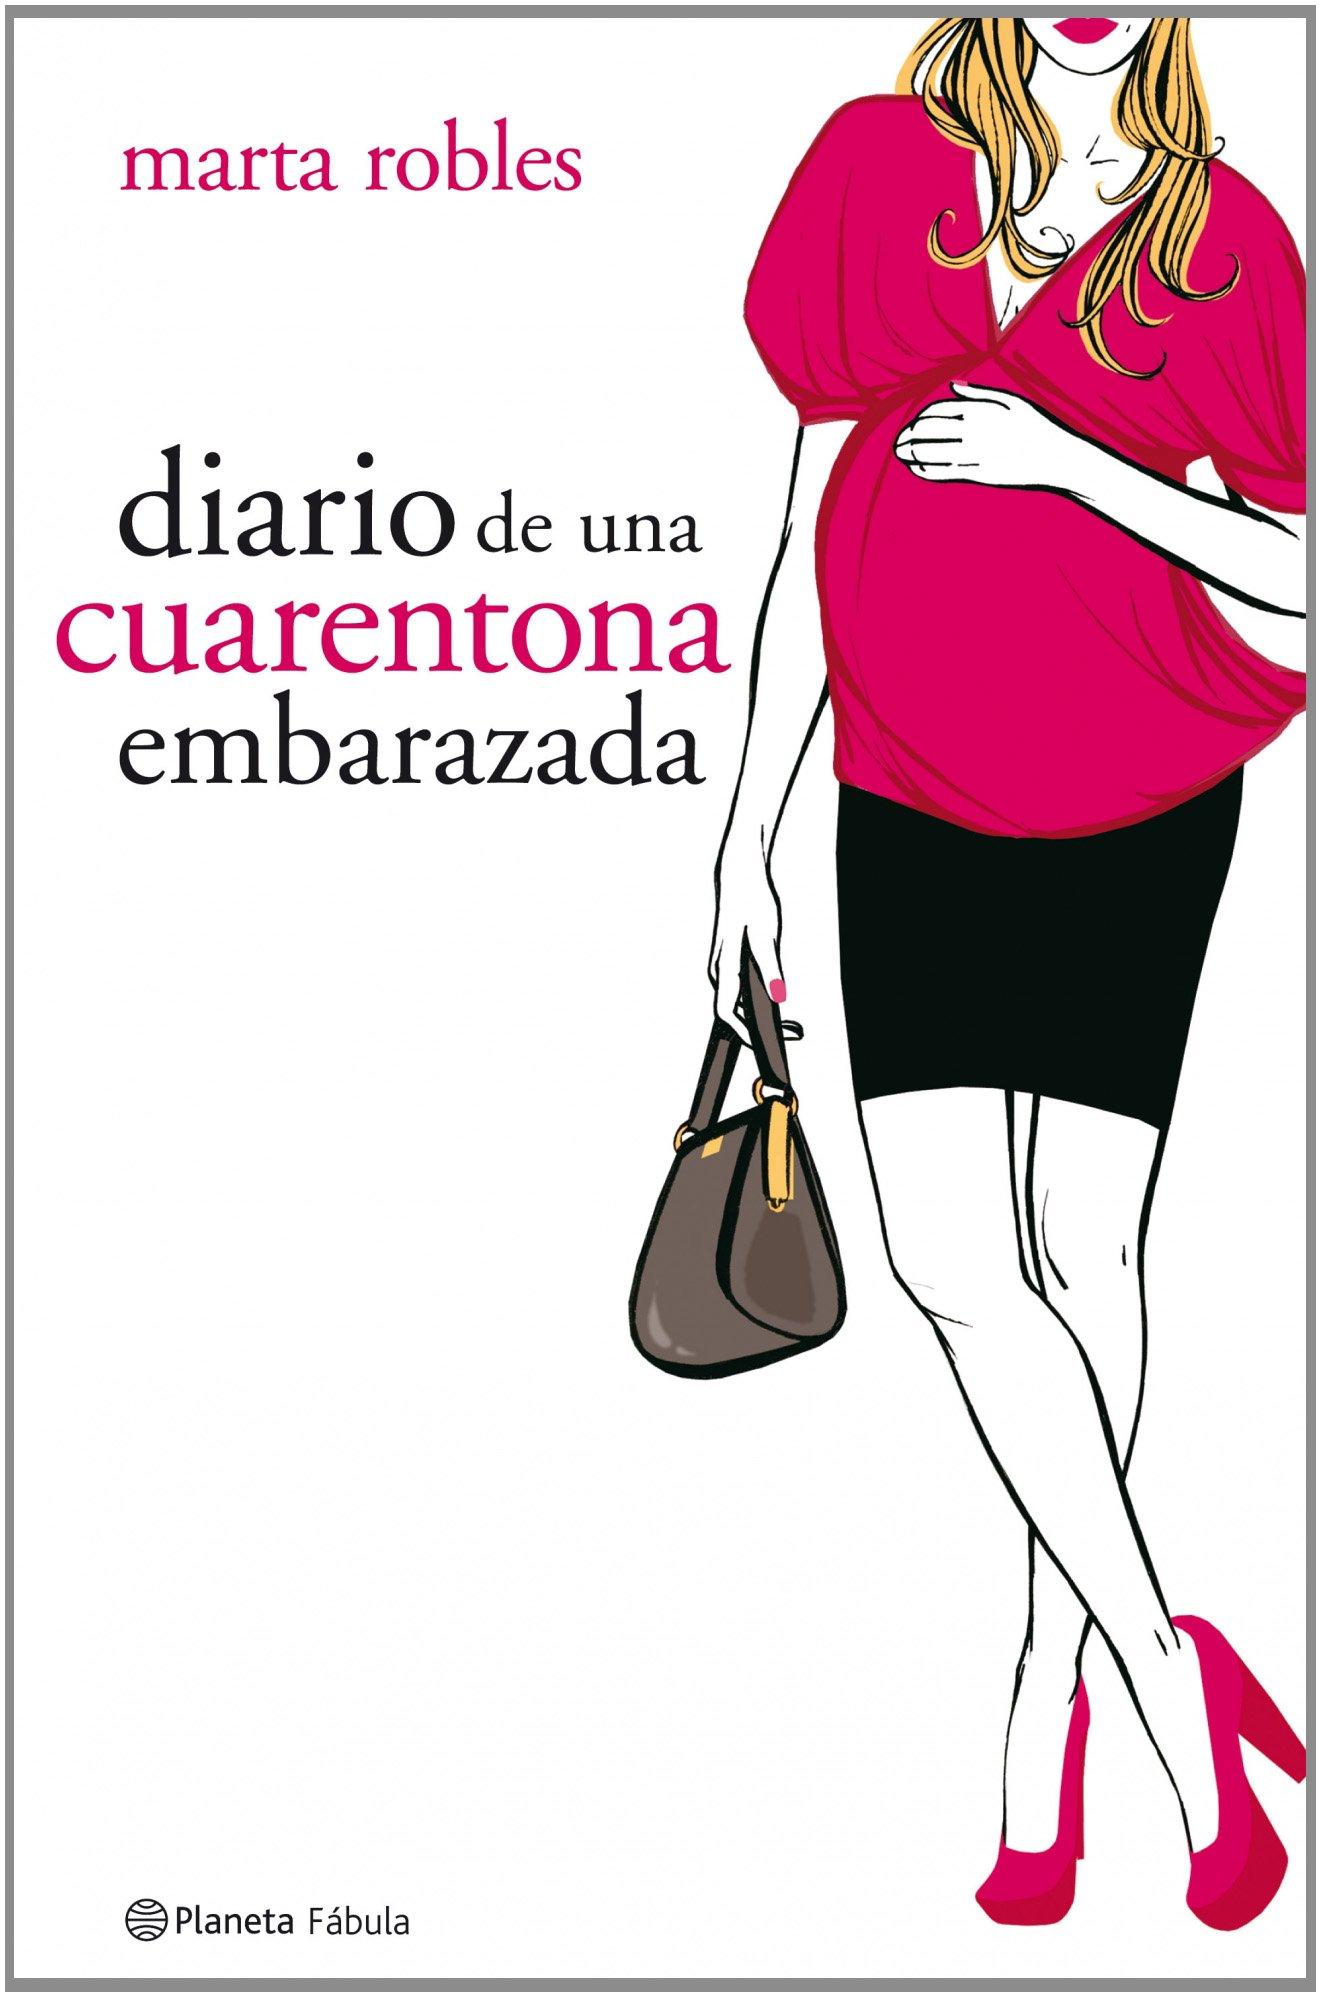 Diario de una cuarentona embarazada (Planeta Fábula): Amazon.es: Marta Robles: Libros